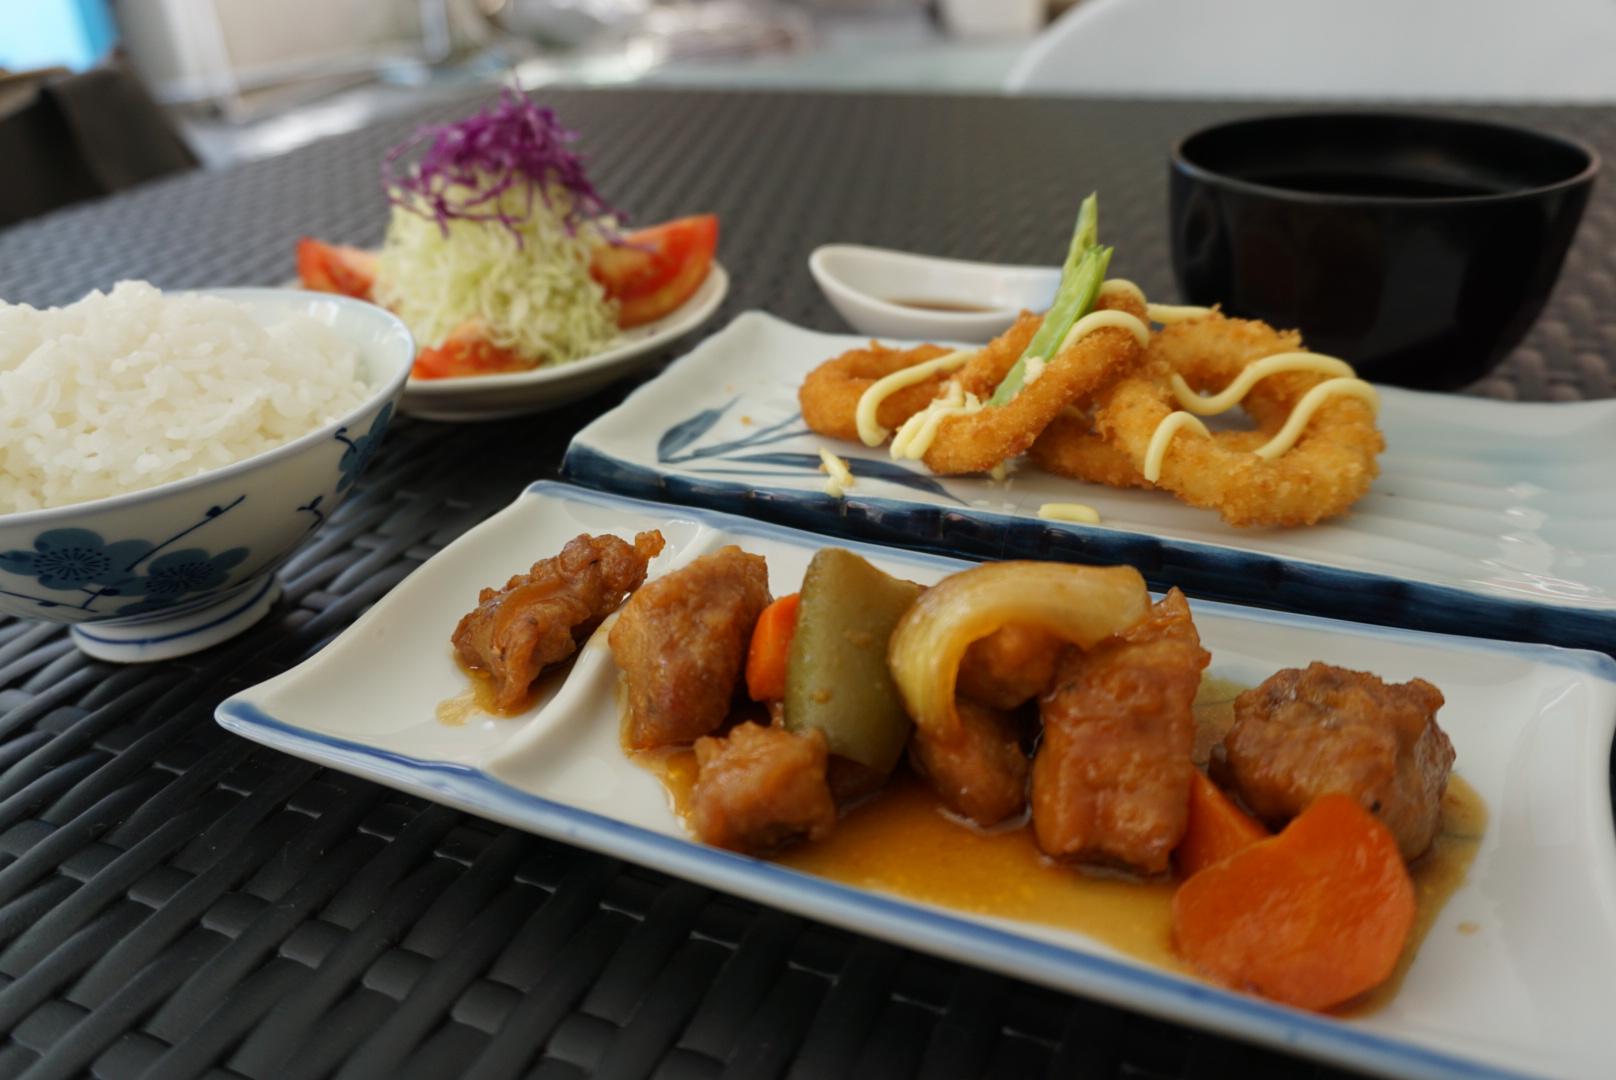 タカハリ名物の和食ランチ!鶏肉料理、お味噌汁、ごはん、お子様も安心のおいしい食事です!